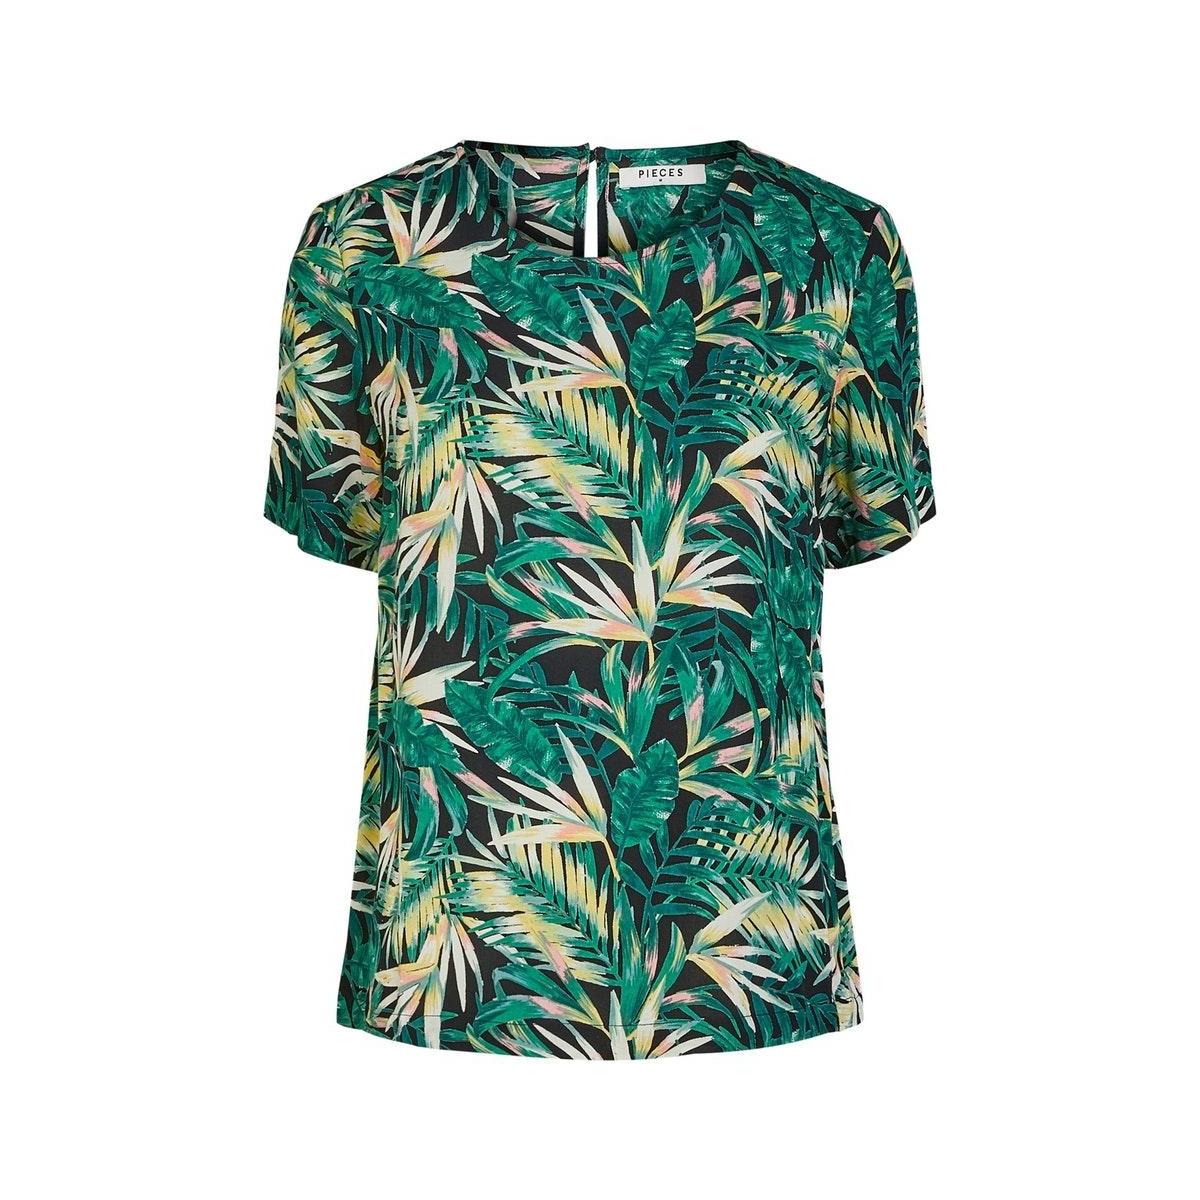 pcnya ss top pb 17102744 pieces t-shirt black/palm